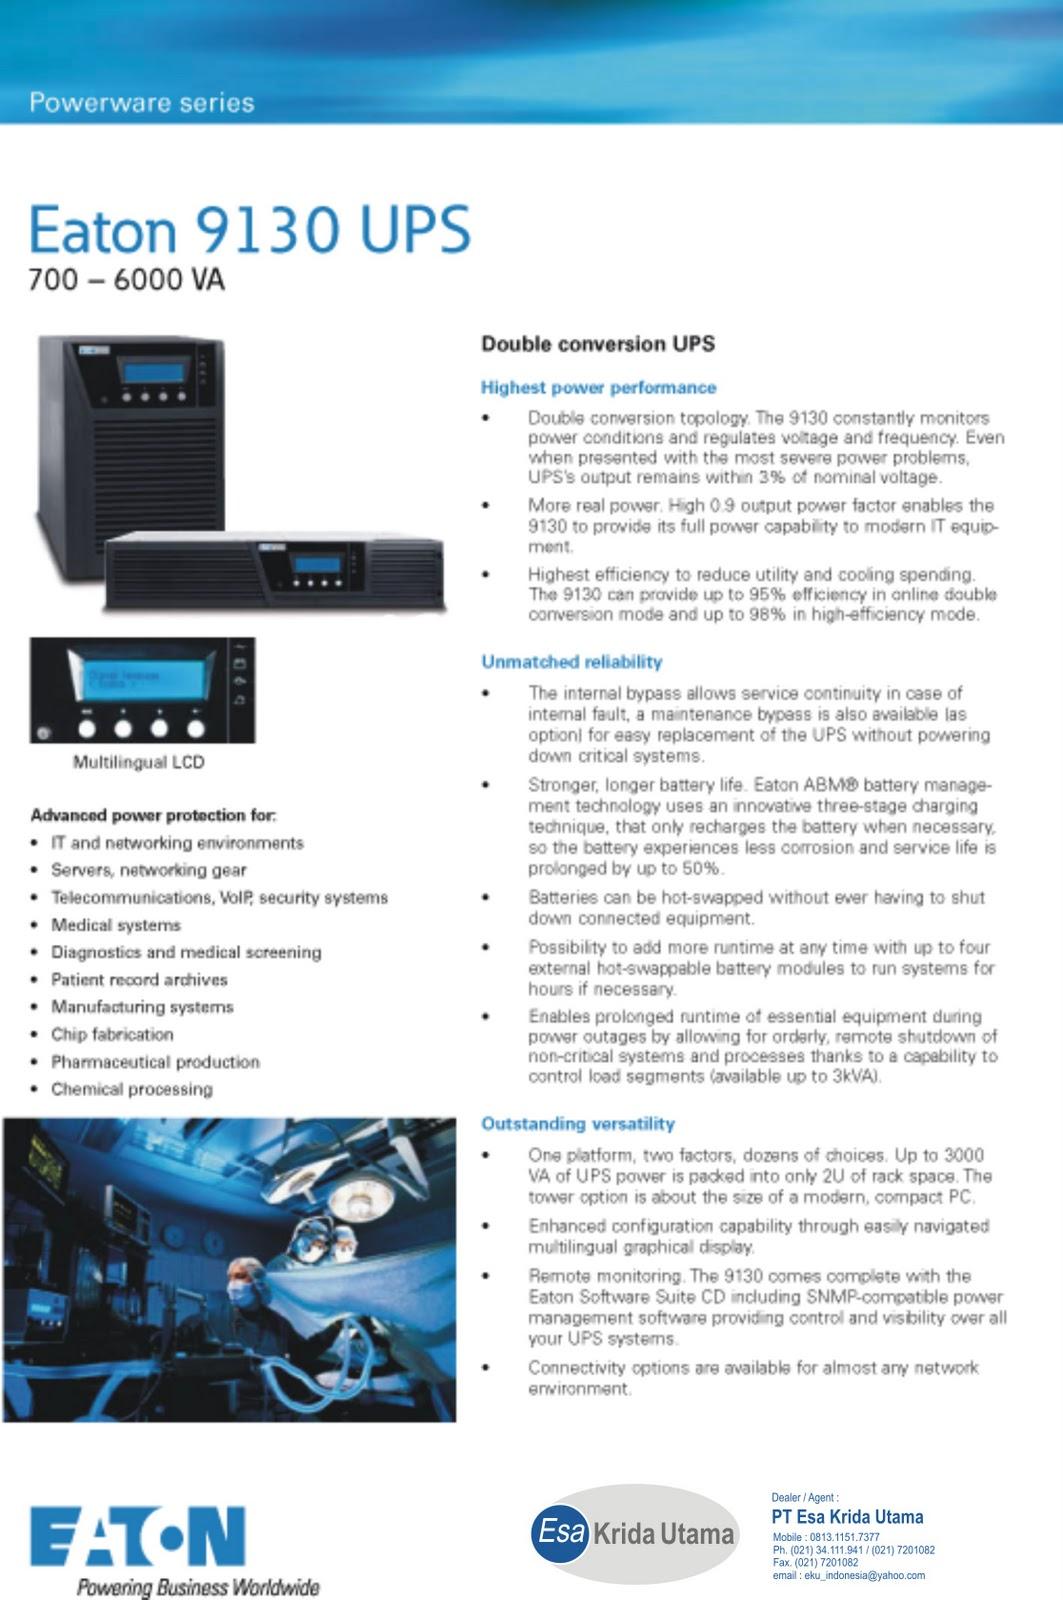 PT ESA KRIDA UTAMA: UPS Poweware 700 - 6000 VA